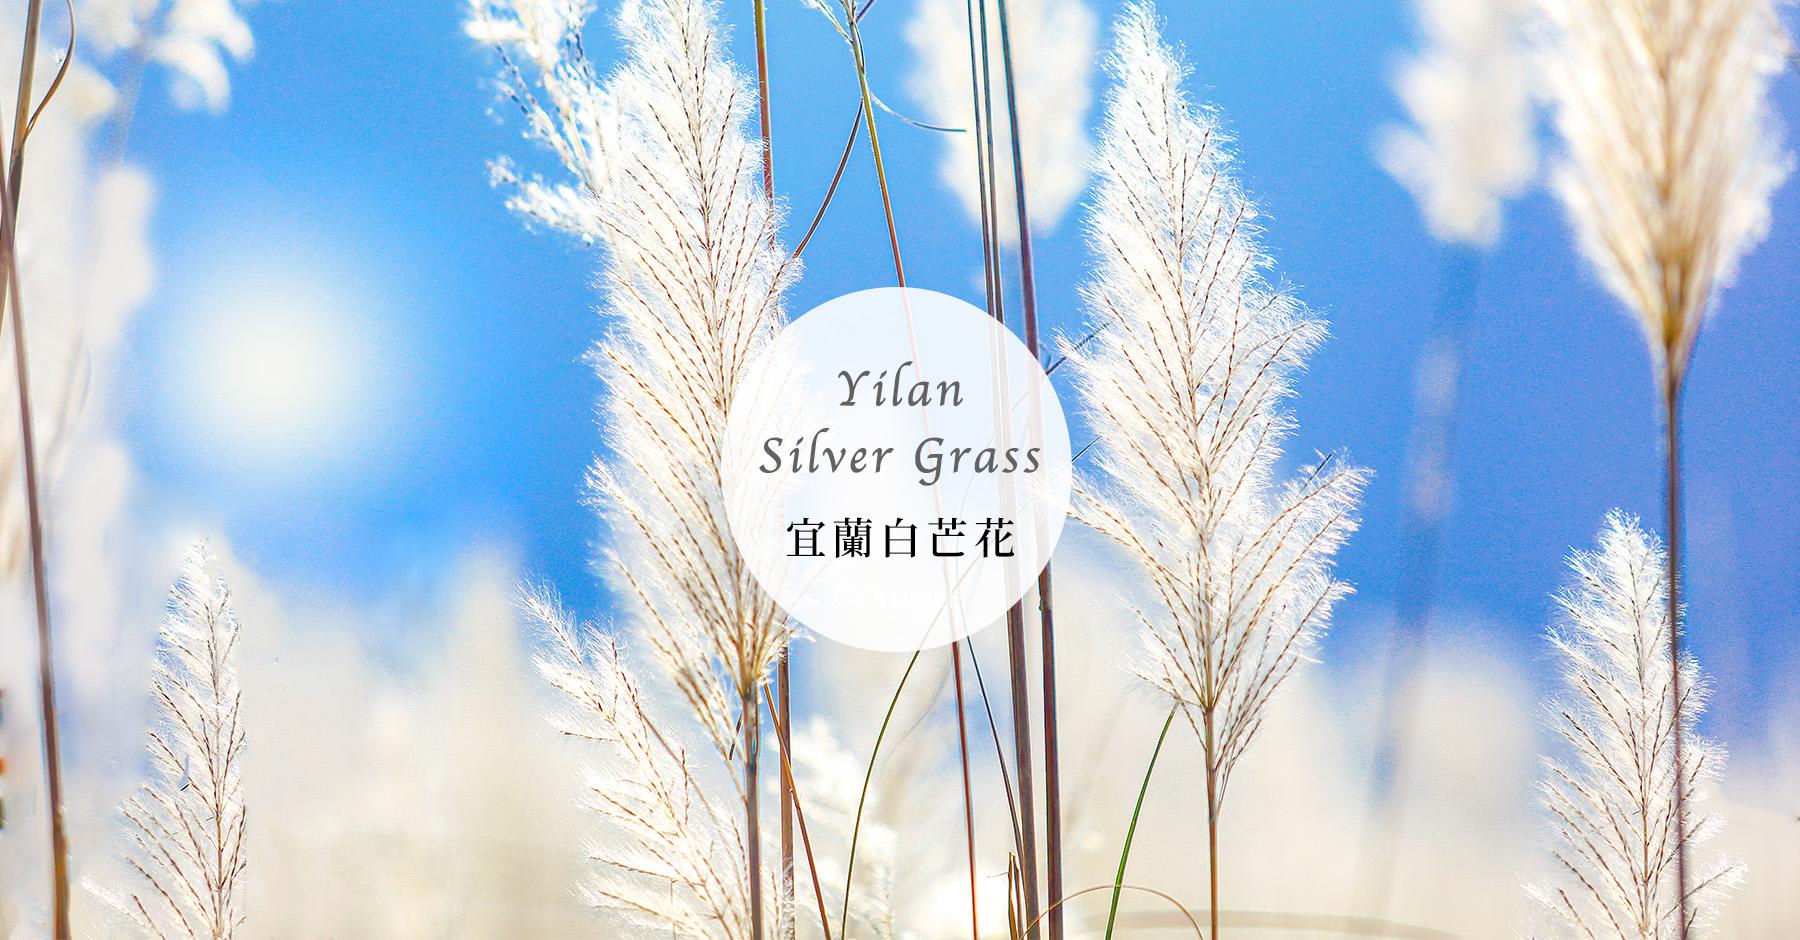 【宜蘭景點】銀白色夢幻下雪了!5個白芒花、甜根子草秘境公開秋冬限定菅芒花海